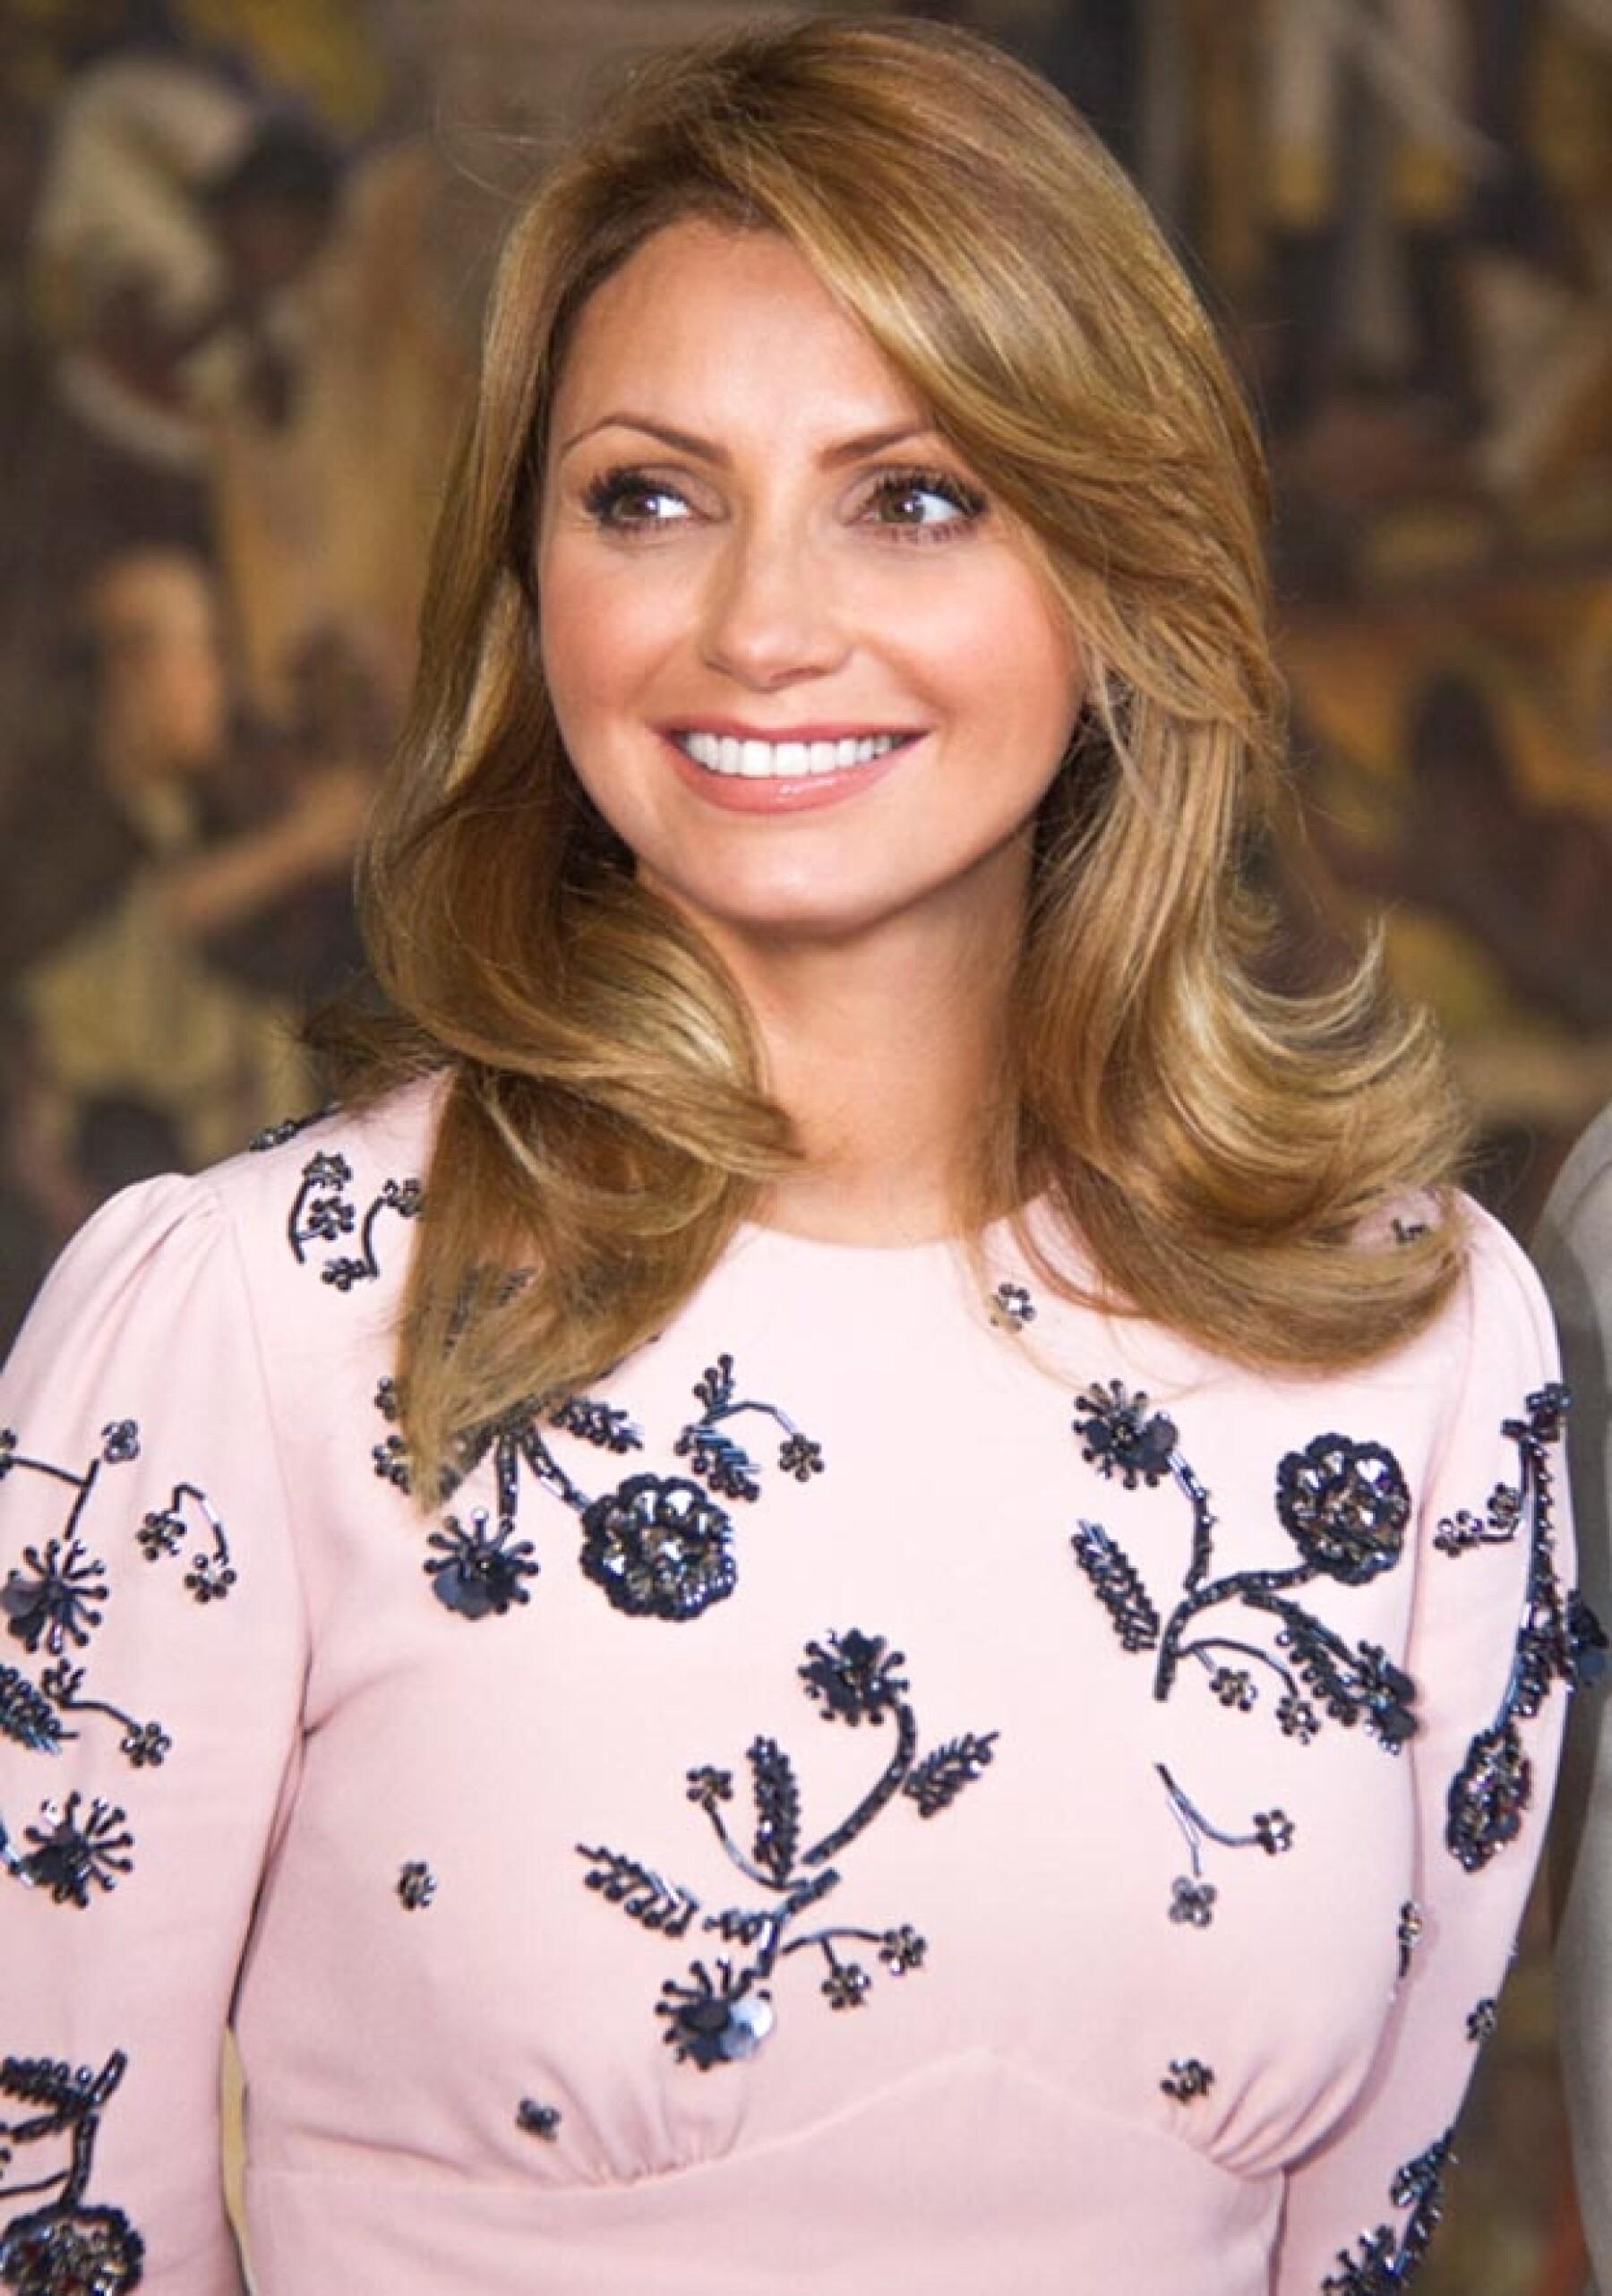 La primera dama de México lució un color de pelo más claro.